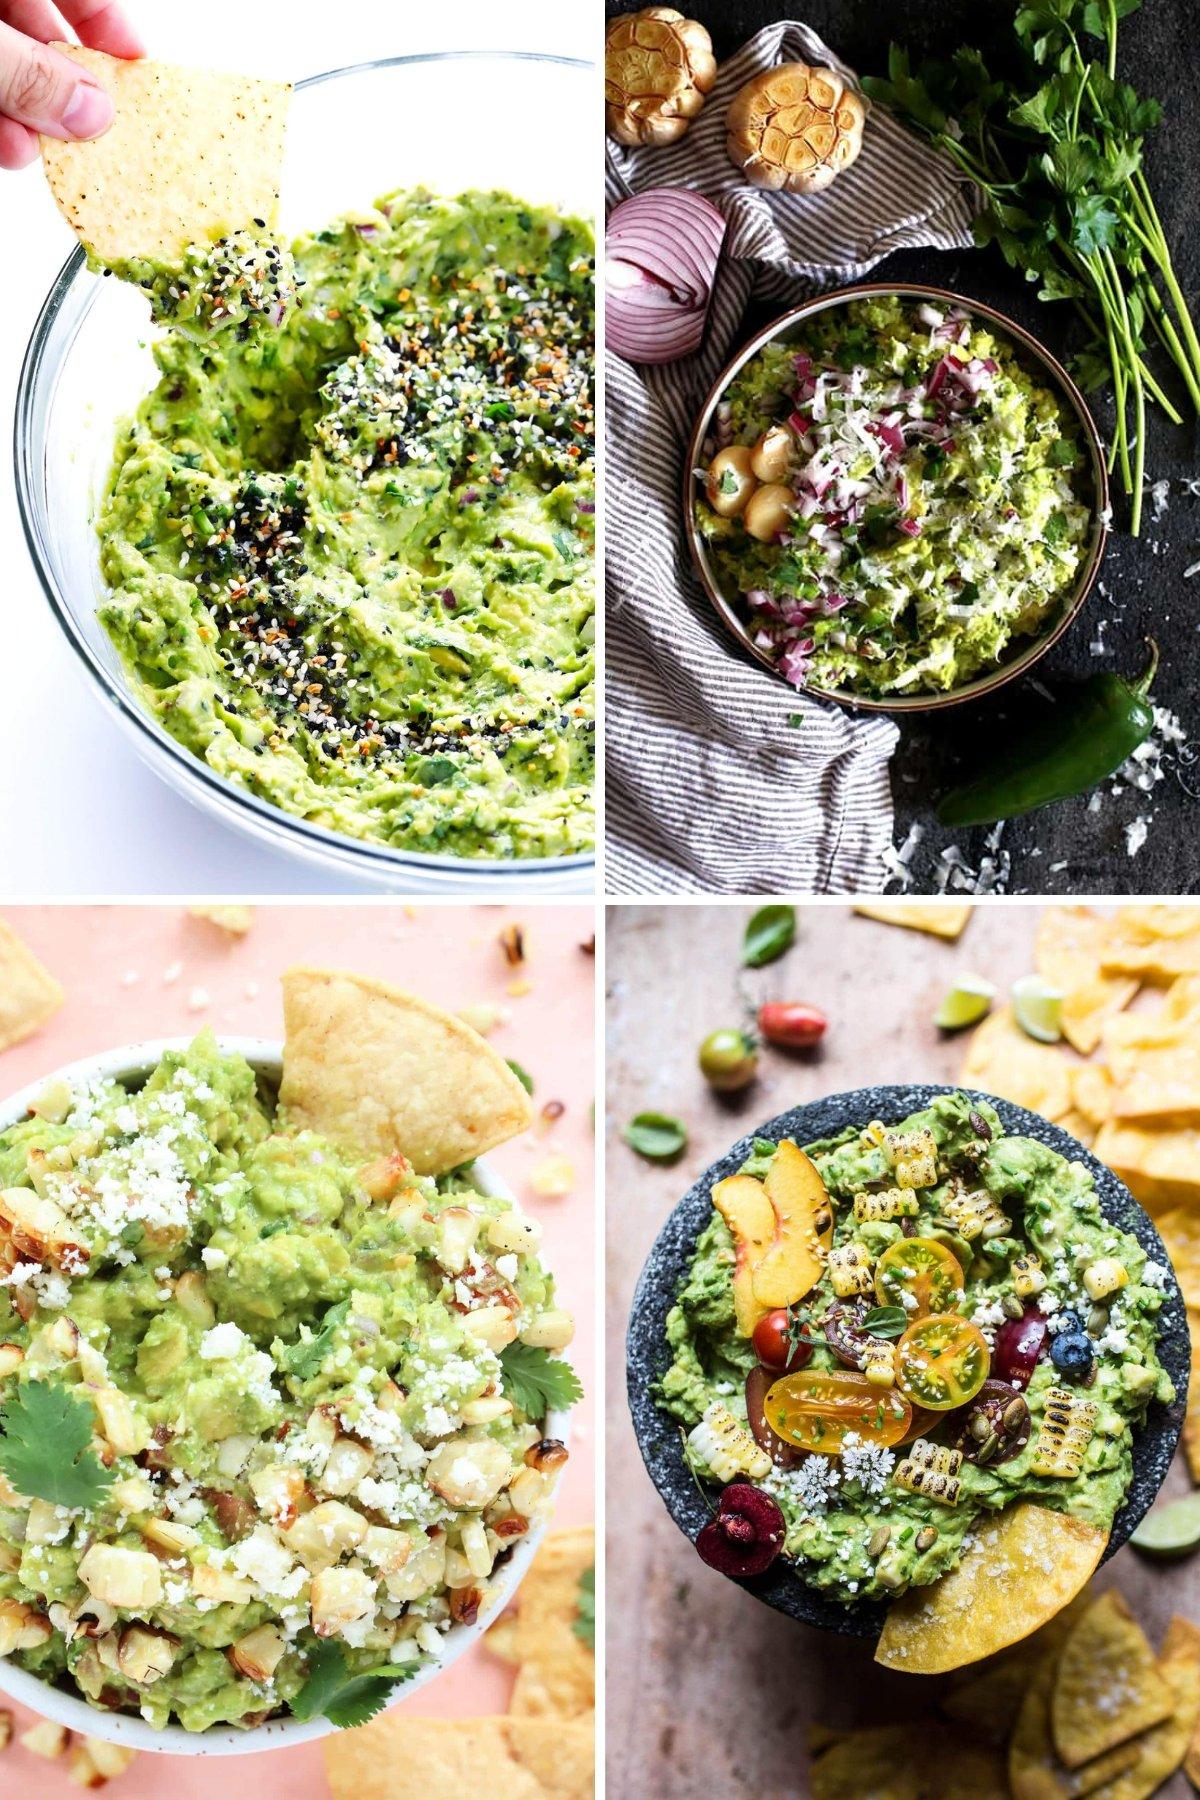 The Ultimate Guide to Guacamole ~ Creative guacamole recipes